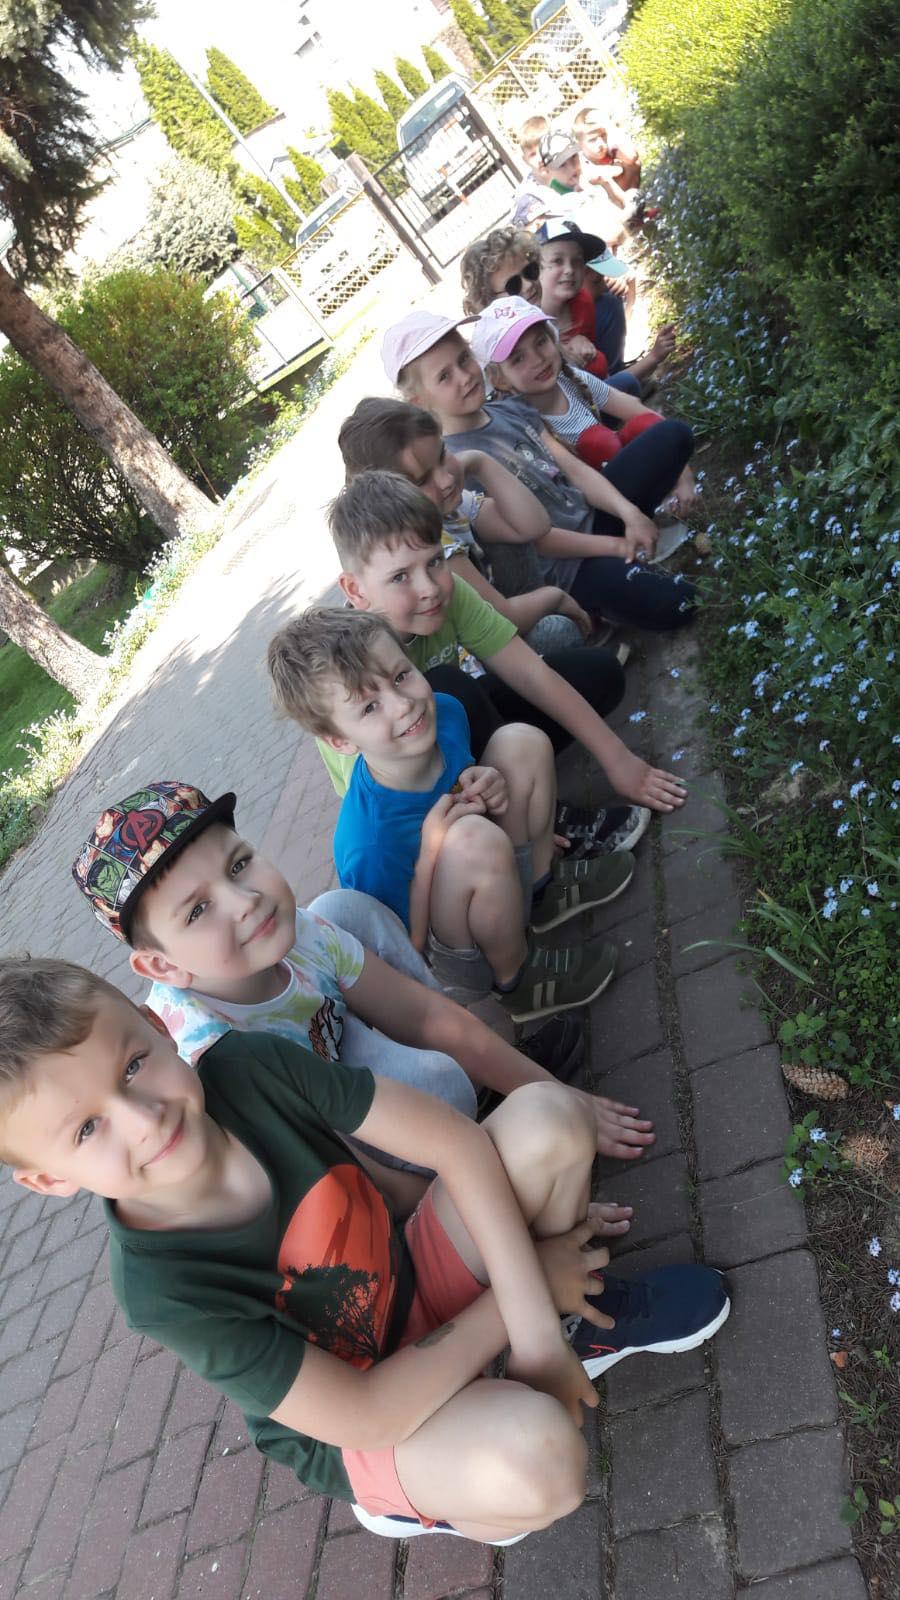 Dzieci kucają wzdłuż chodnika. Obok posadzone są niezapominajki.